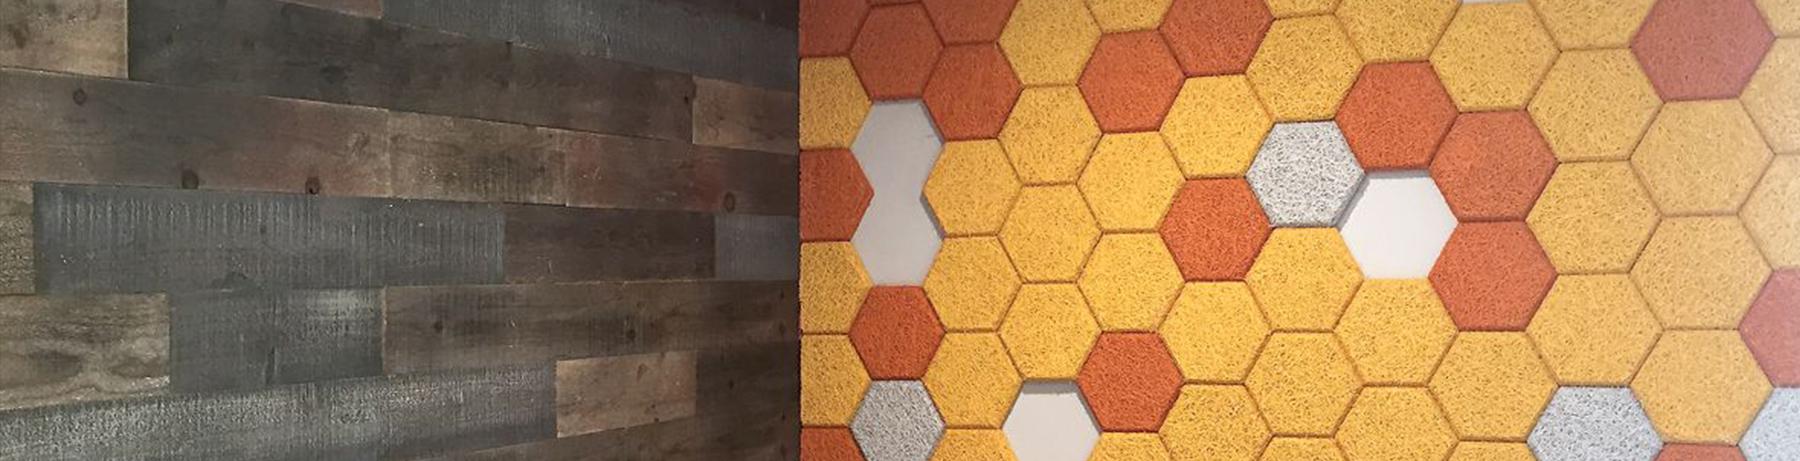 Acoustical Walls - Tectum Fiber Wall Panels